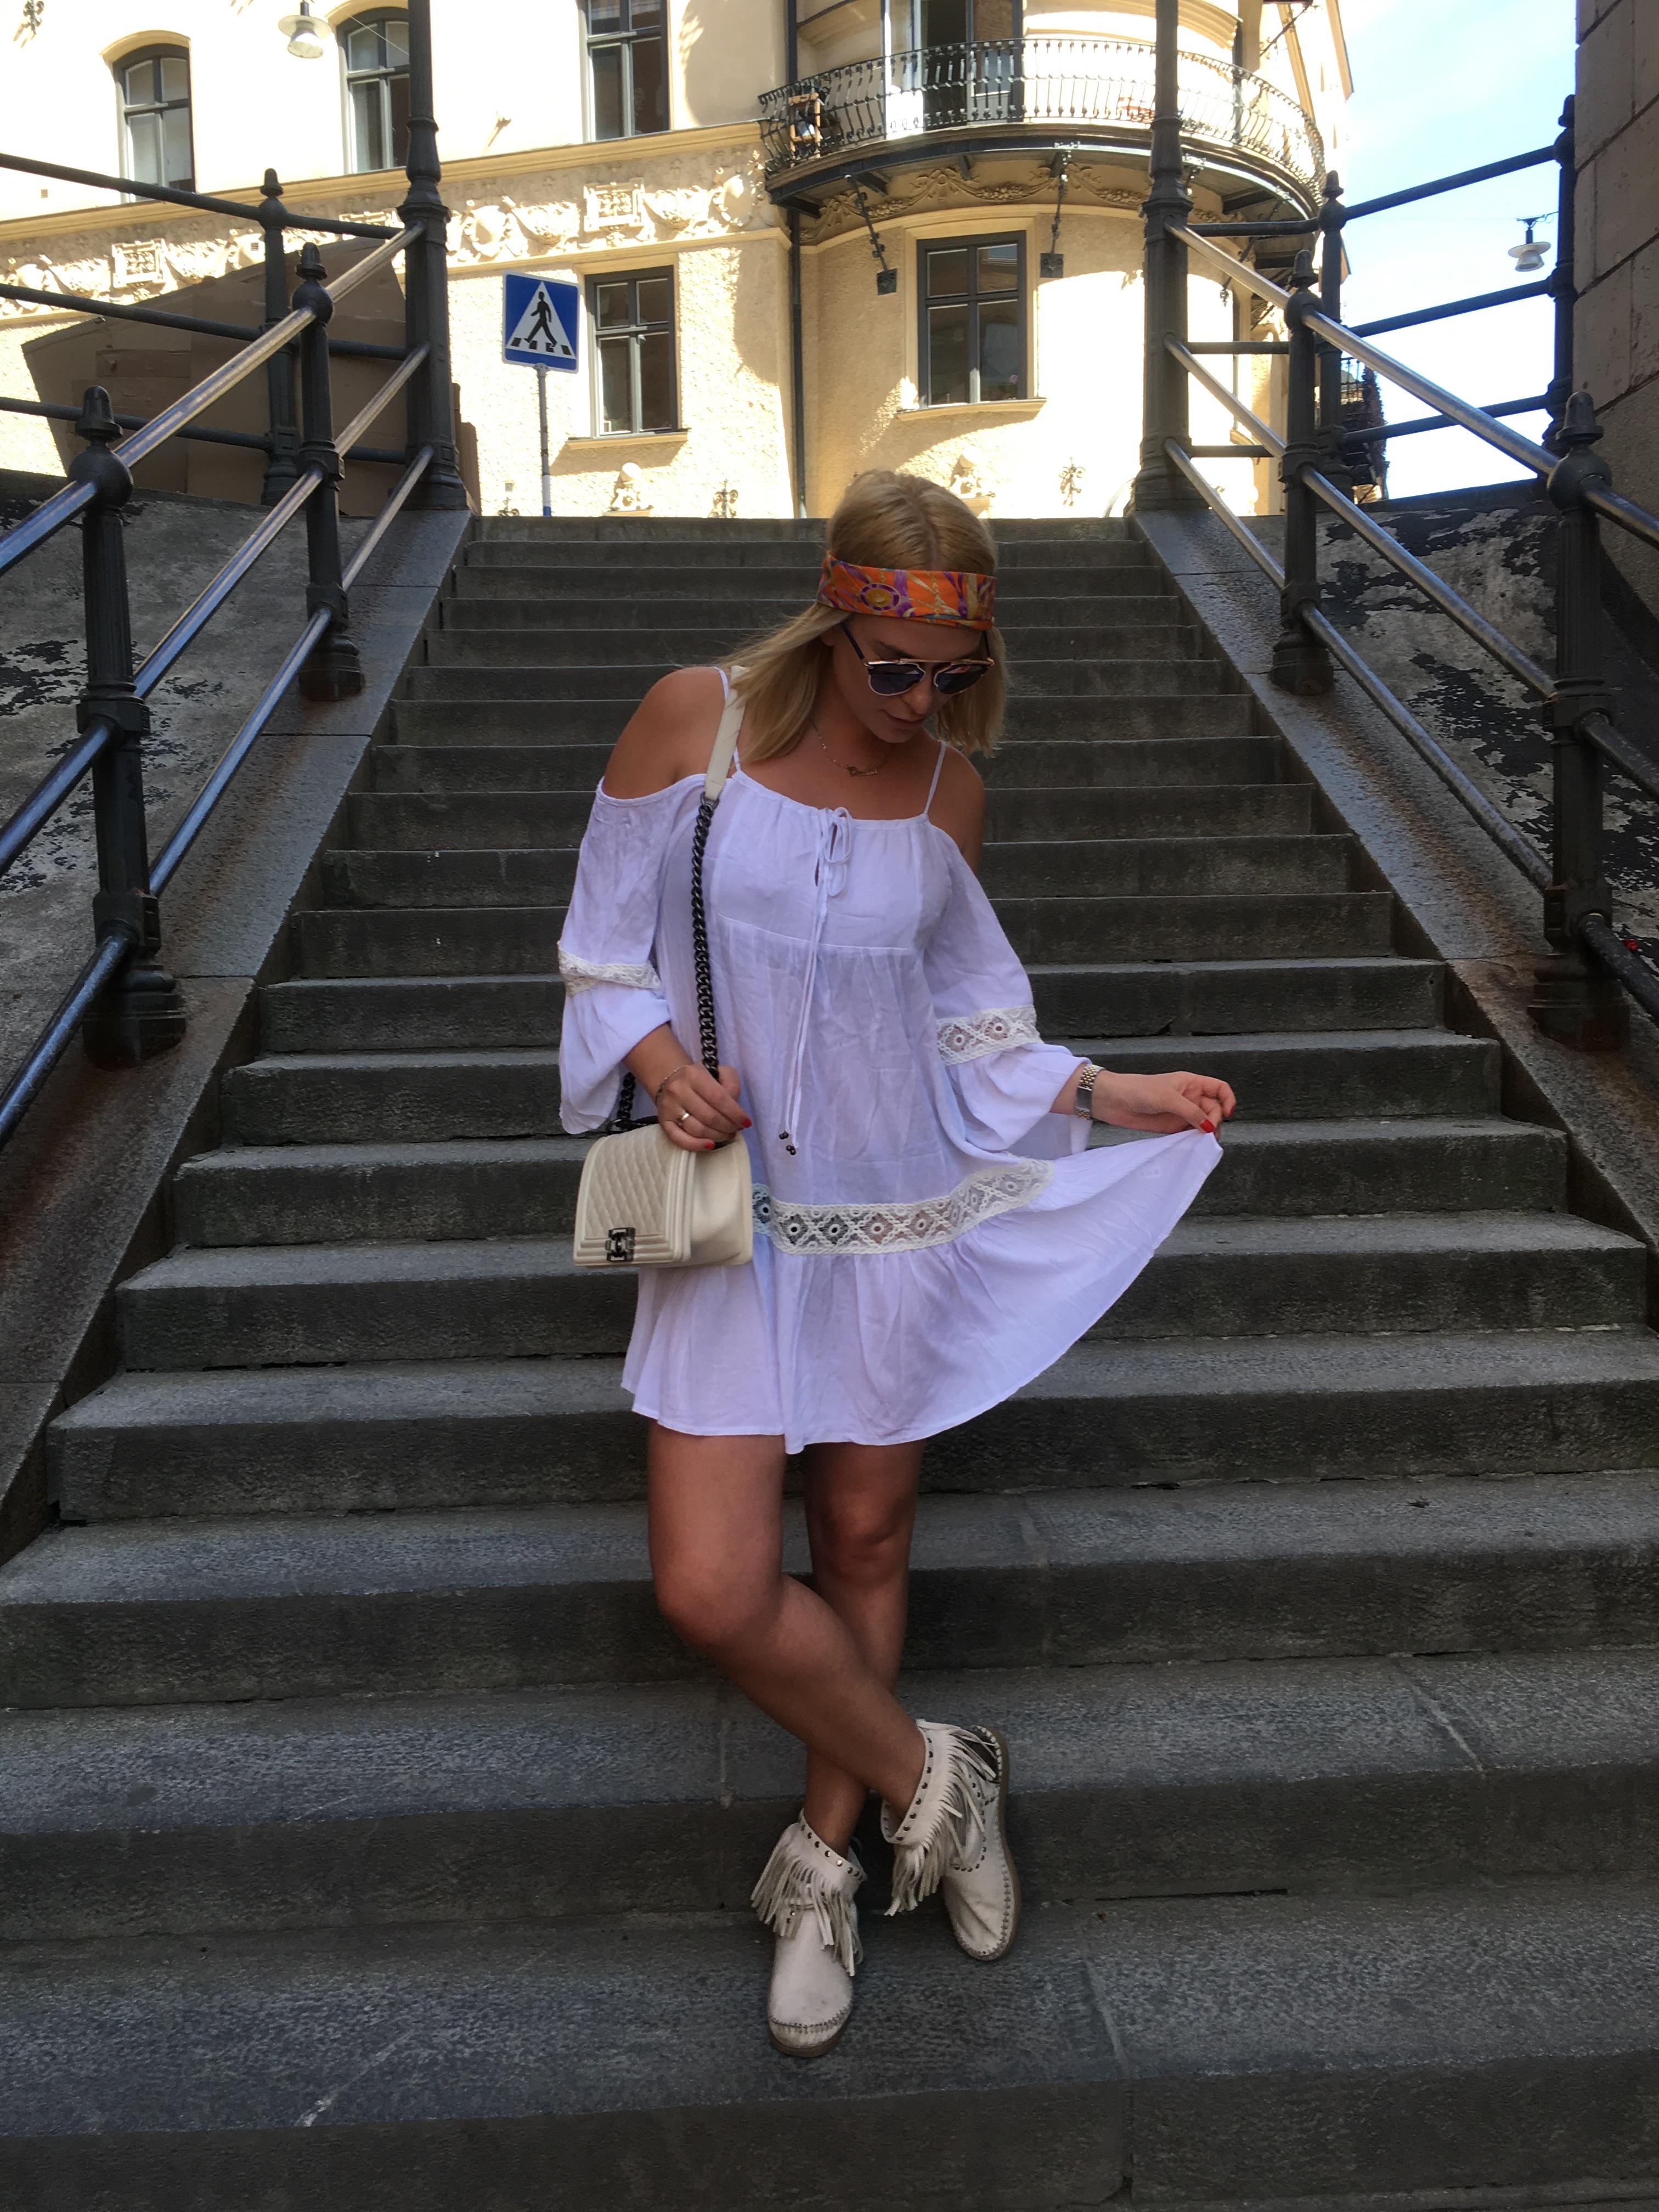 14b4aada01dc Köpt i Venedig – Sjal på huvudet. Dior – Solglasögon FAV – Tunika Chanel – Väska  Minnetonka – Skor